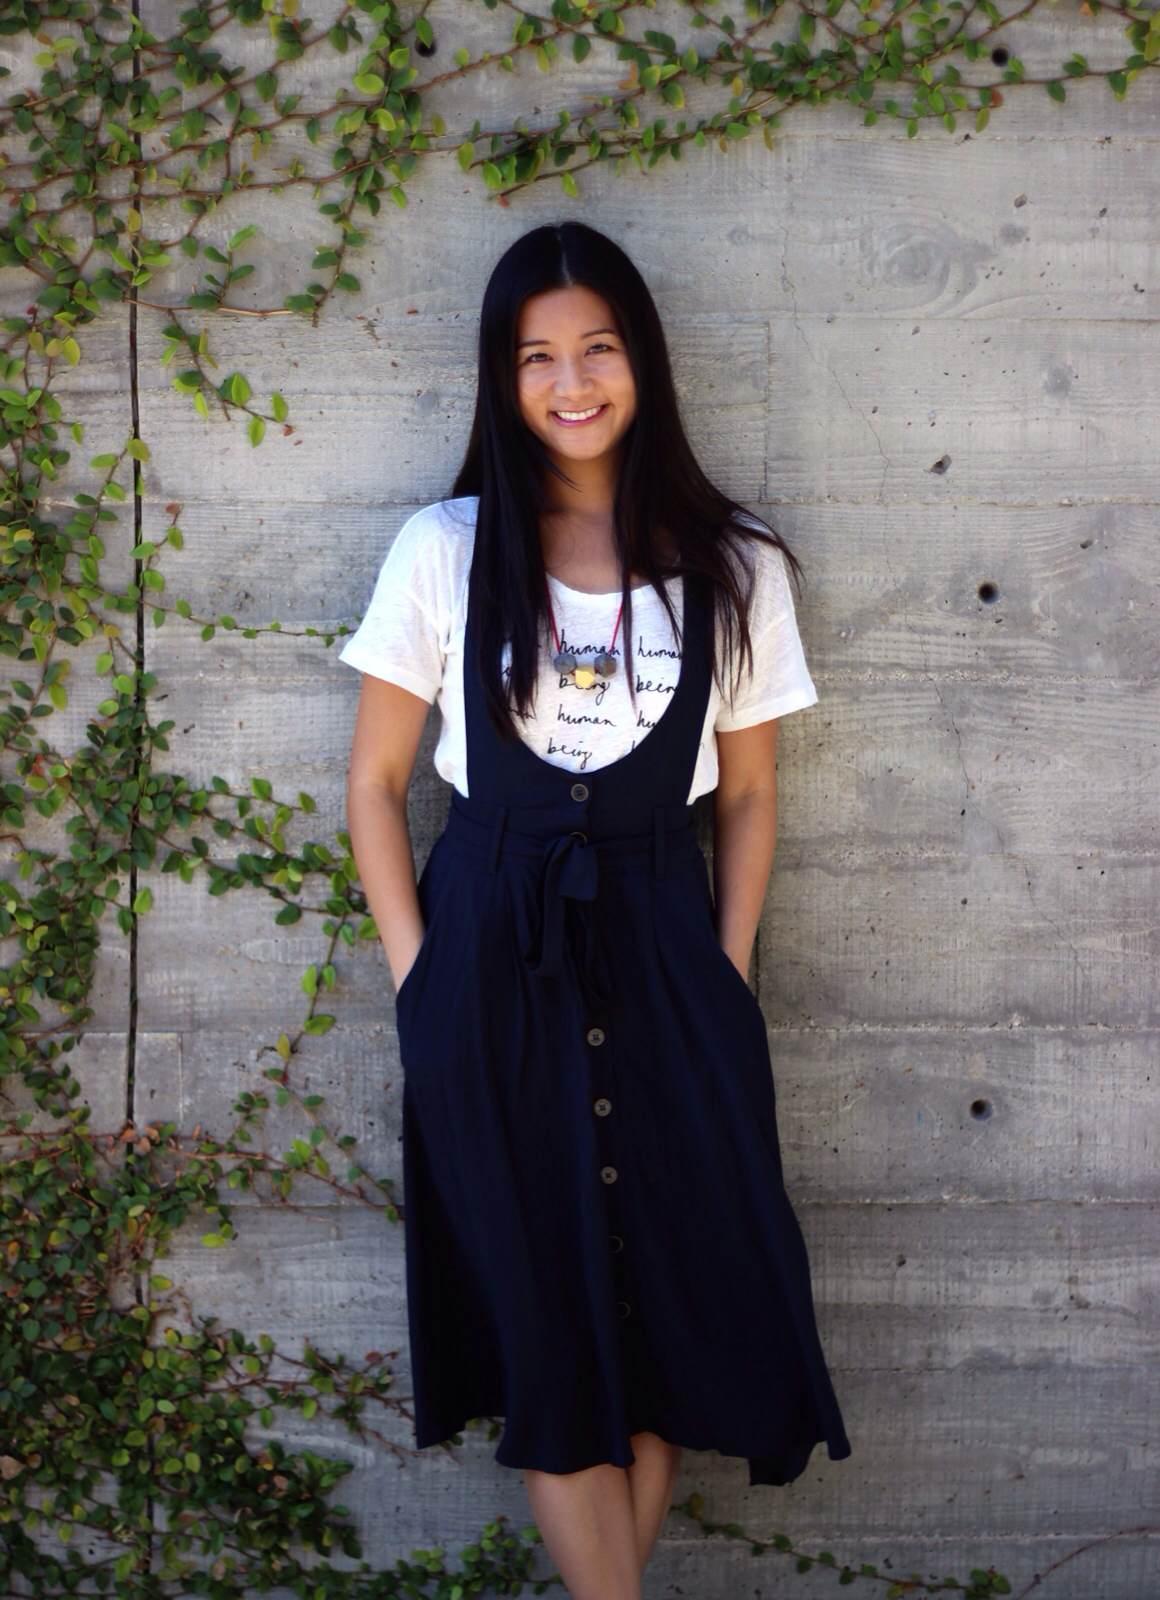 Celeste Hoang